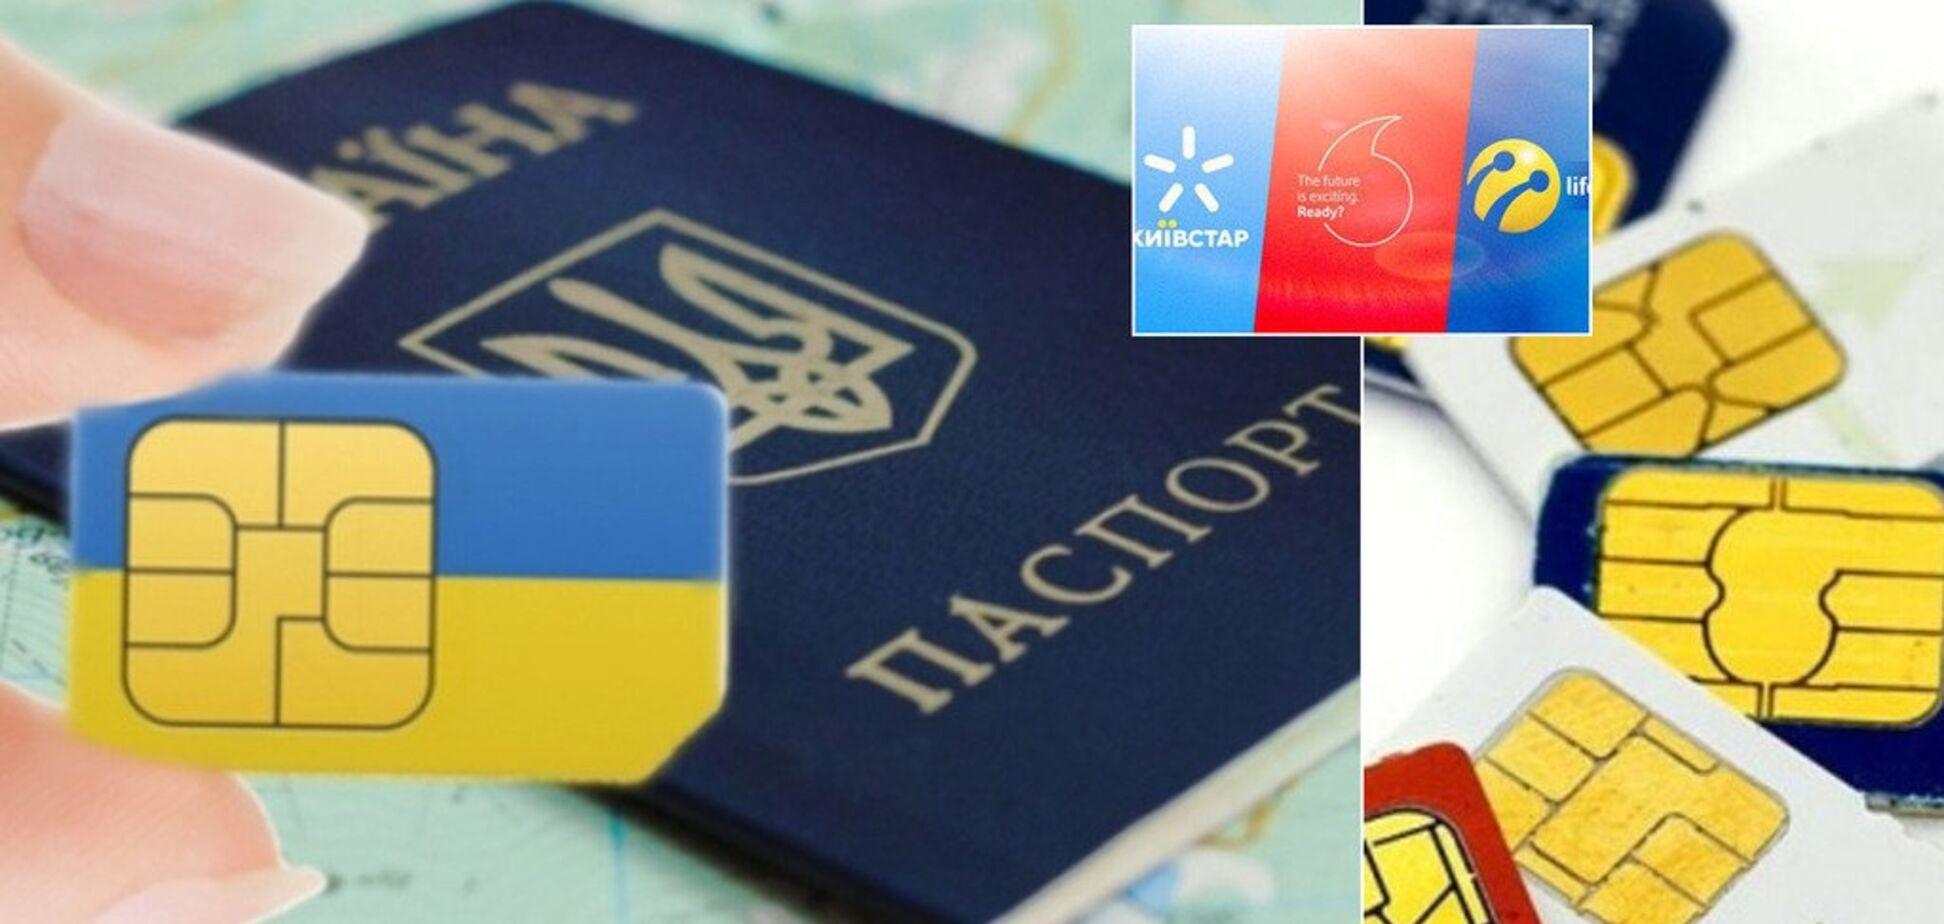 В Украине начали менять операторов, сохраняя номер: как работает новшество